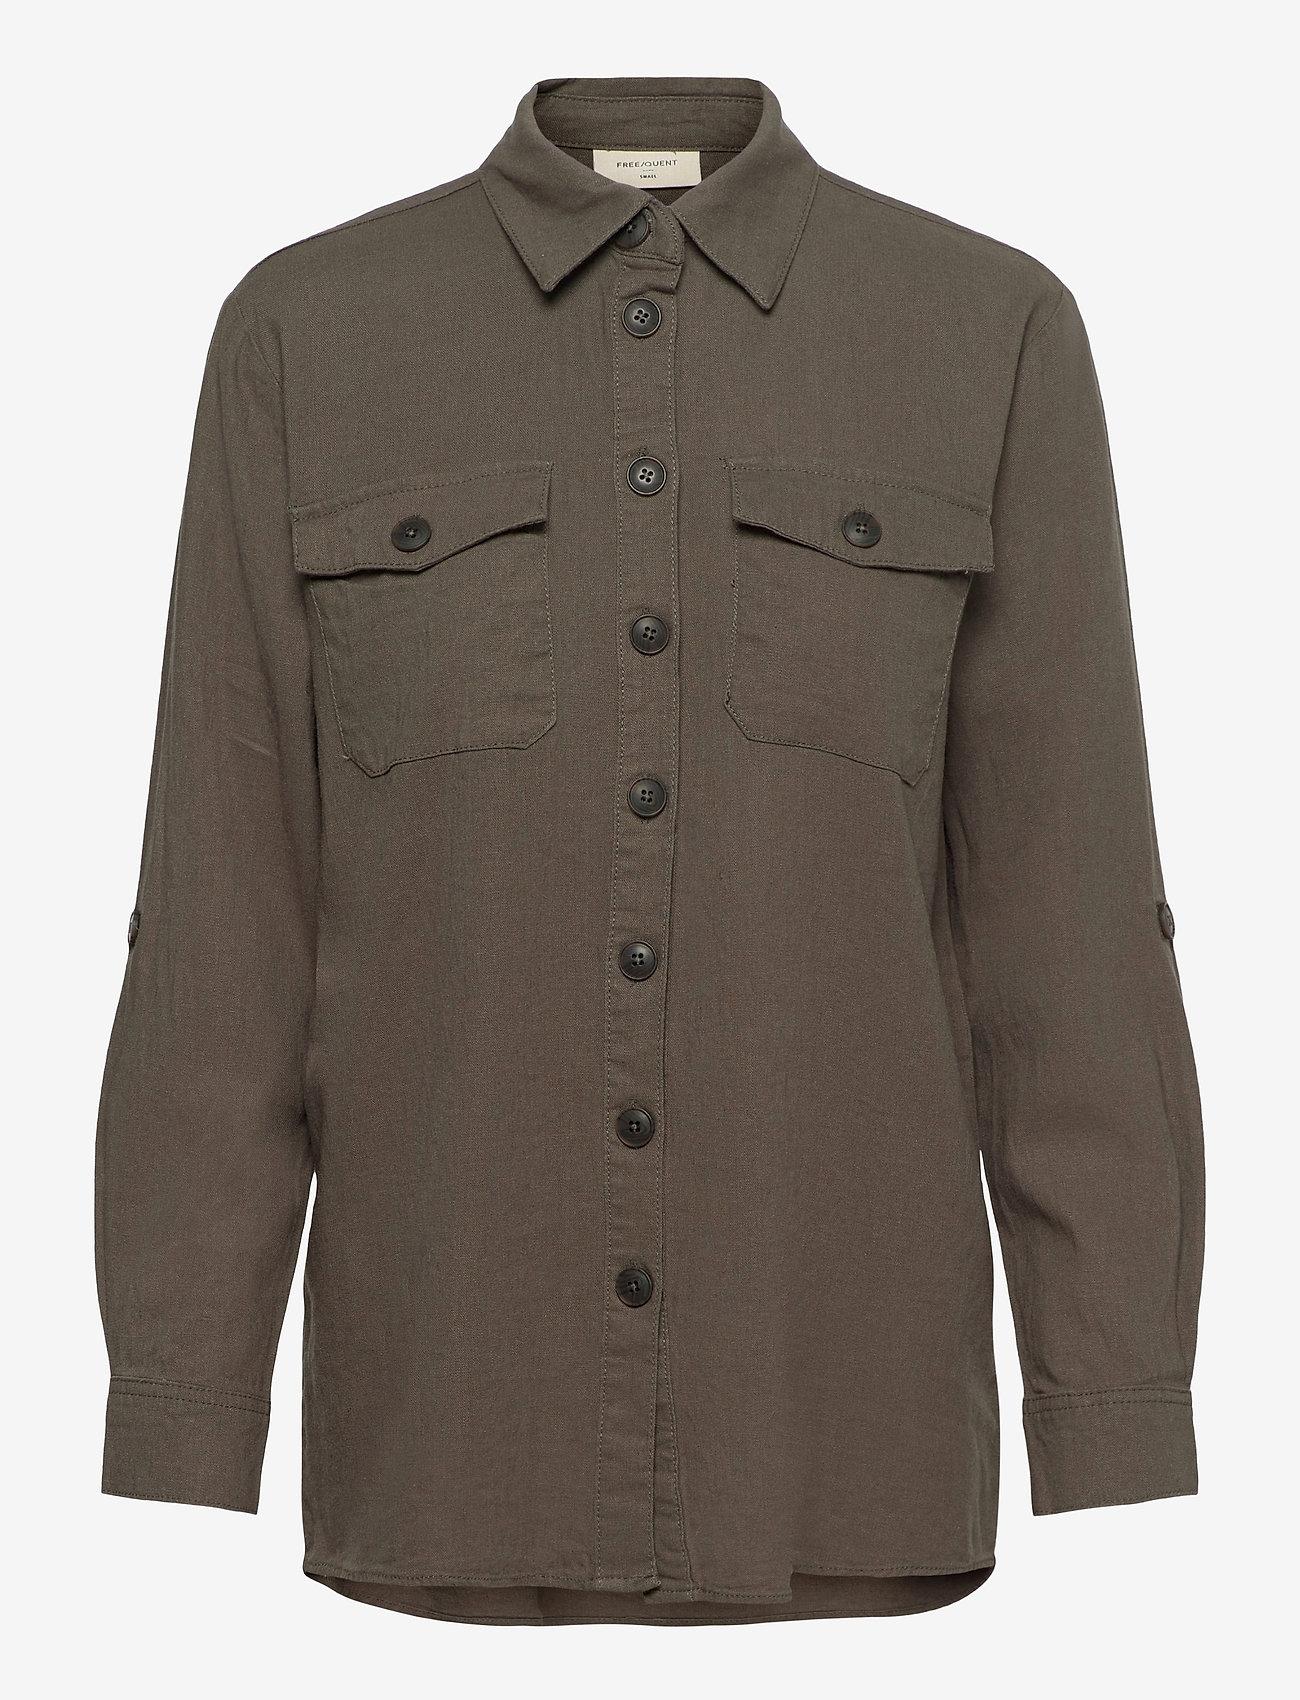 FREE/QUENT - FQLAVA-SH - langærmede skjorter - dusty olive - 0